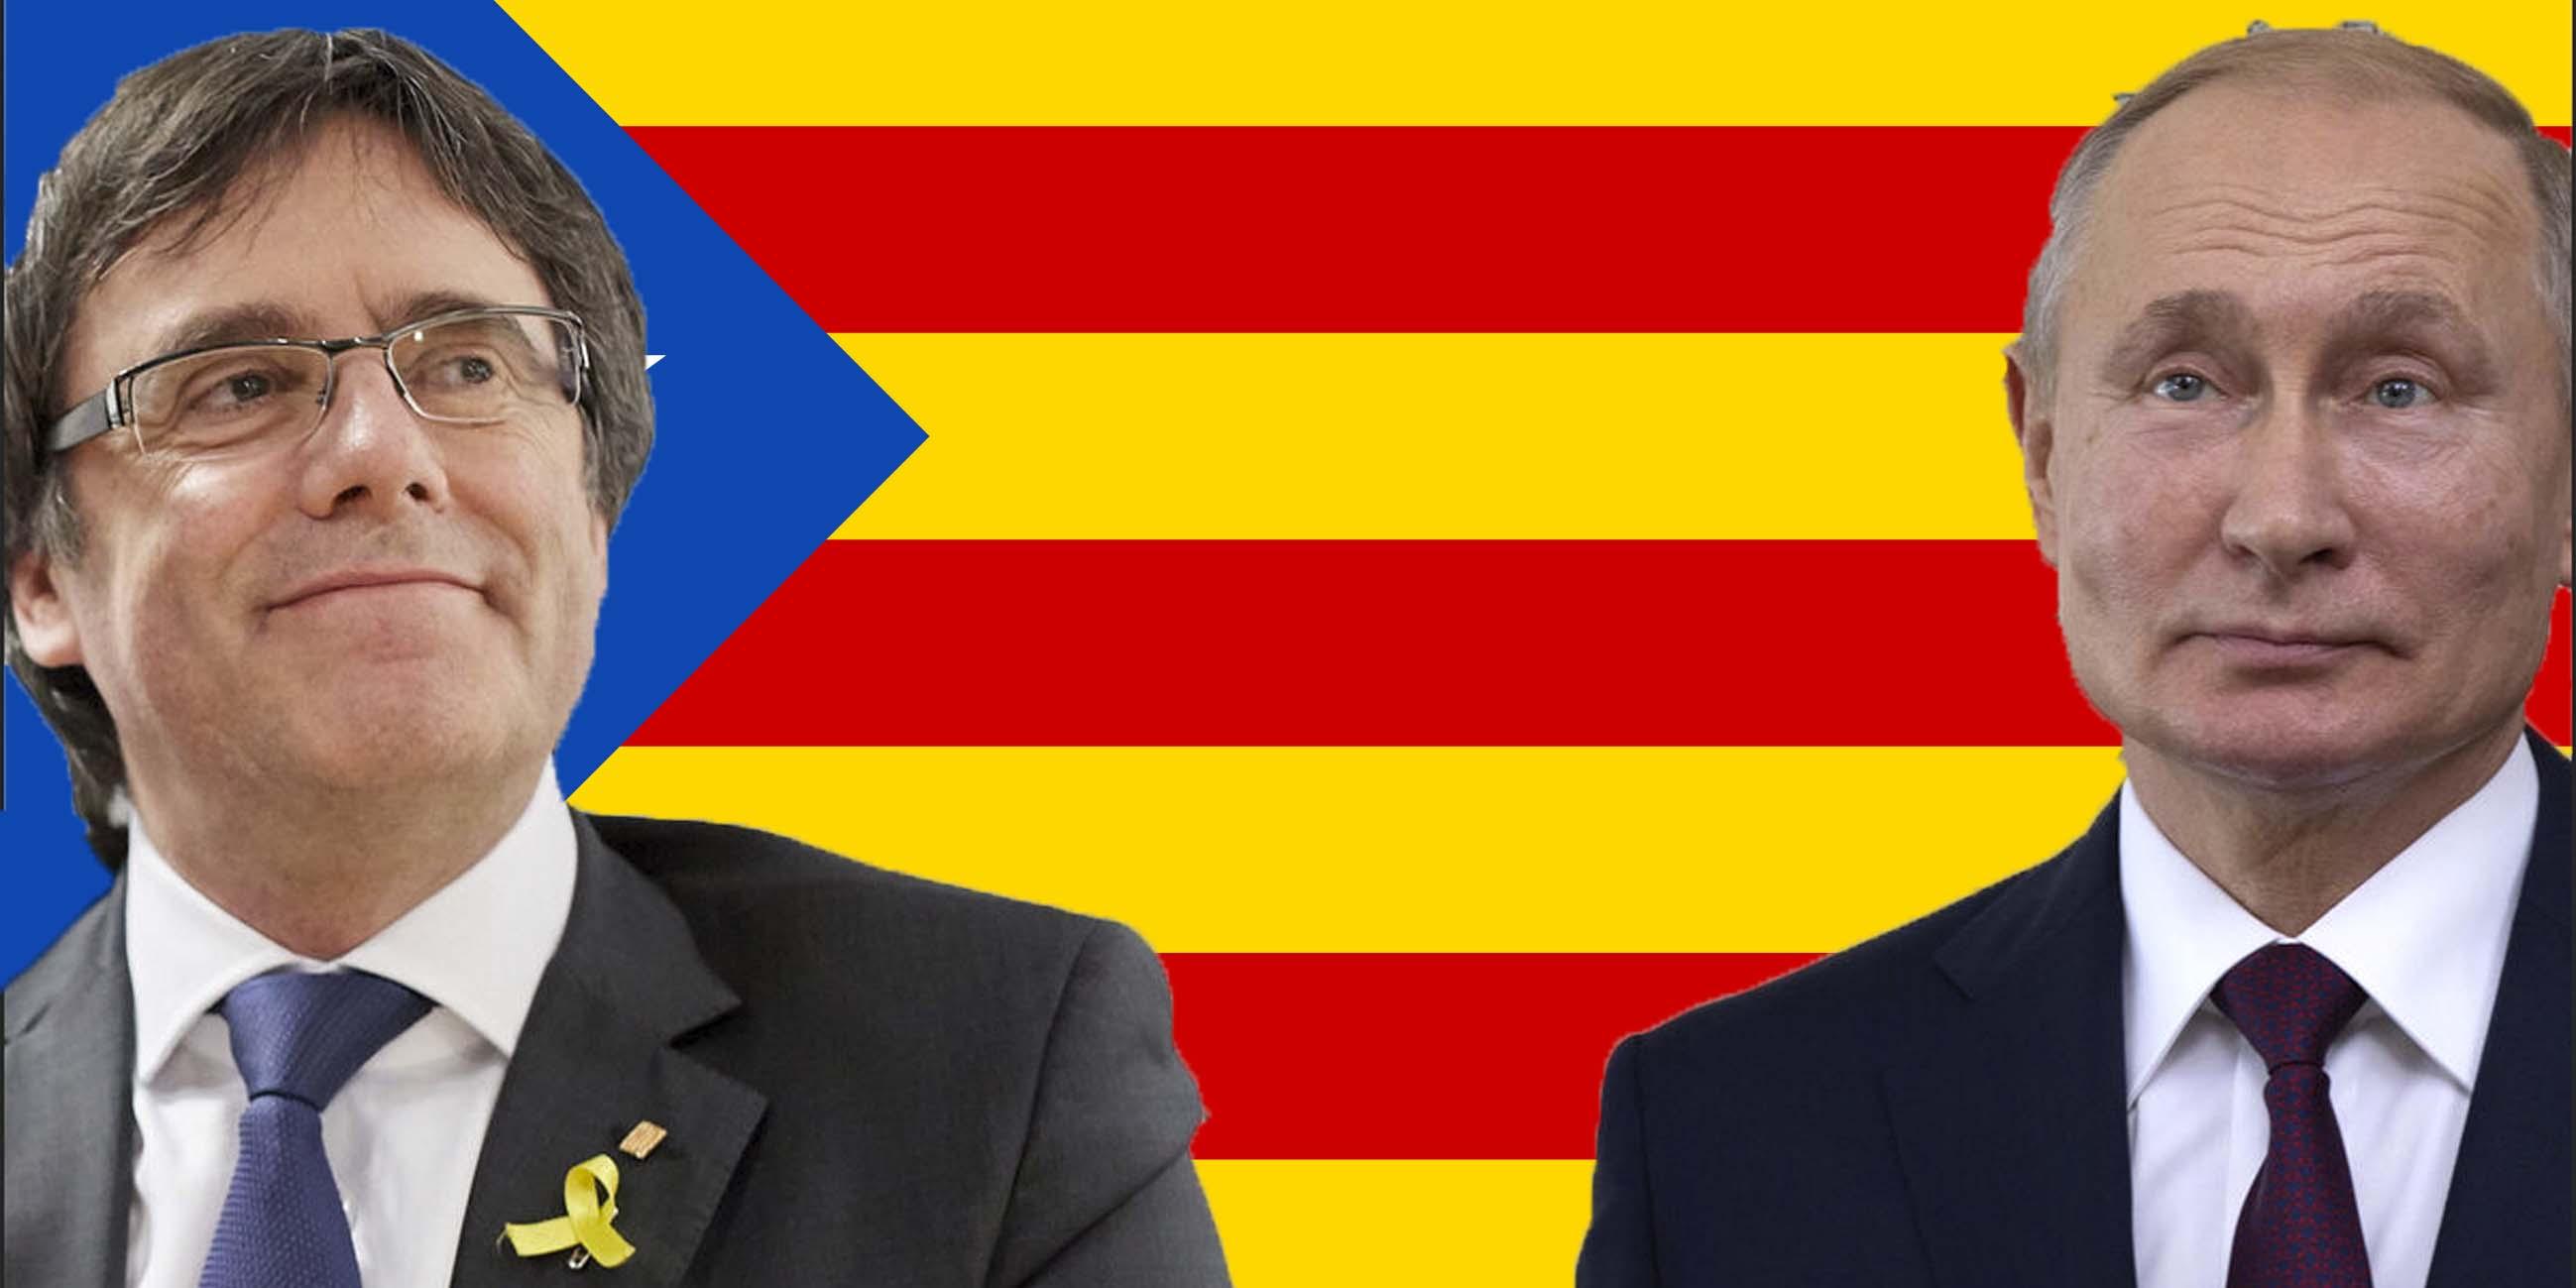 El 'New York Times' desvela las peligrosas conexiones de Puigdemont con Rusia para atacar a España